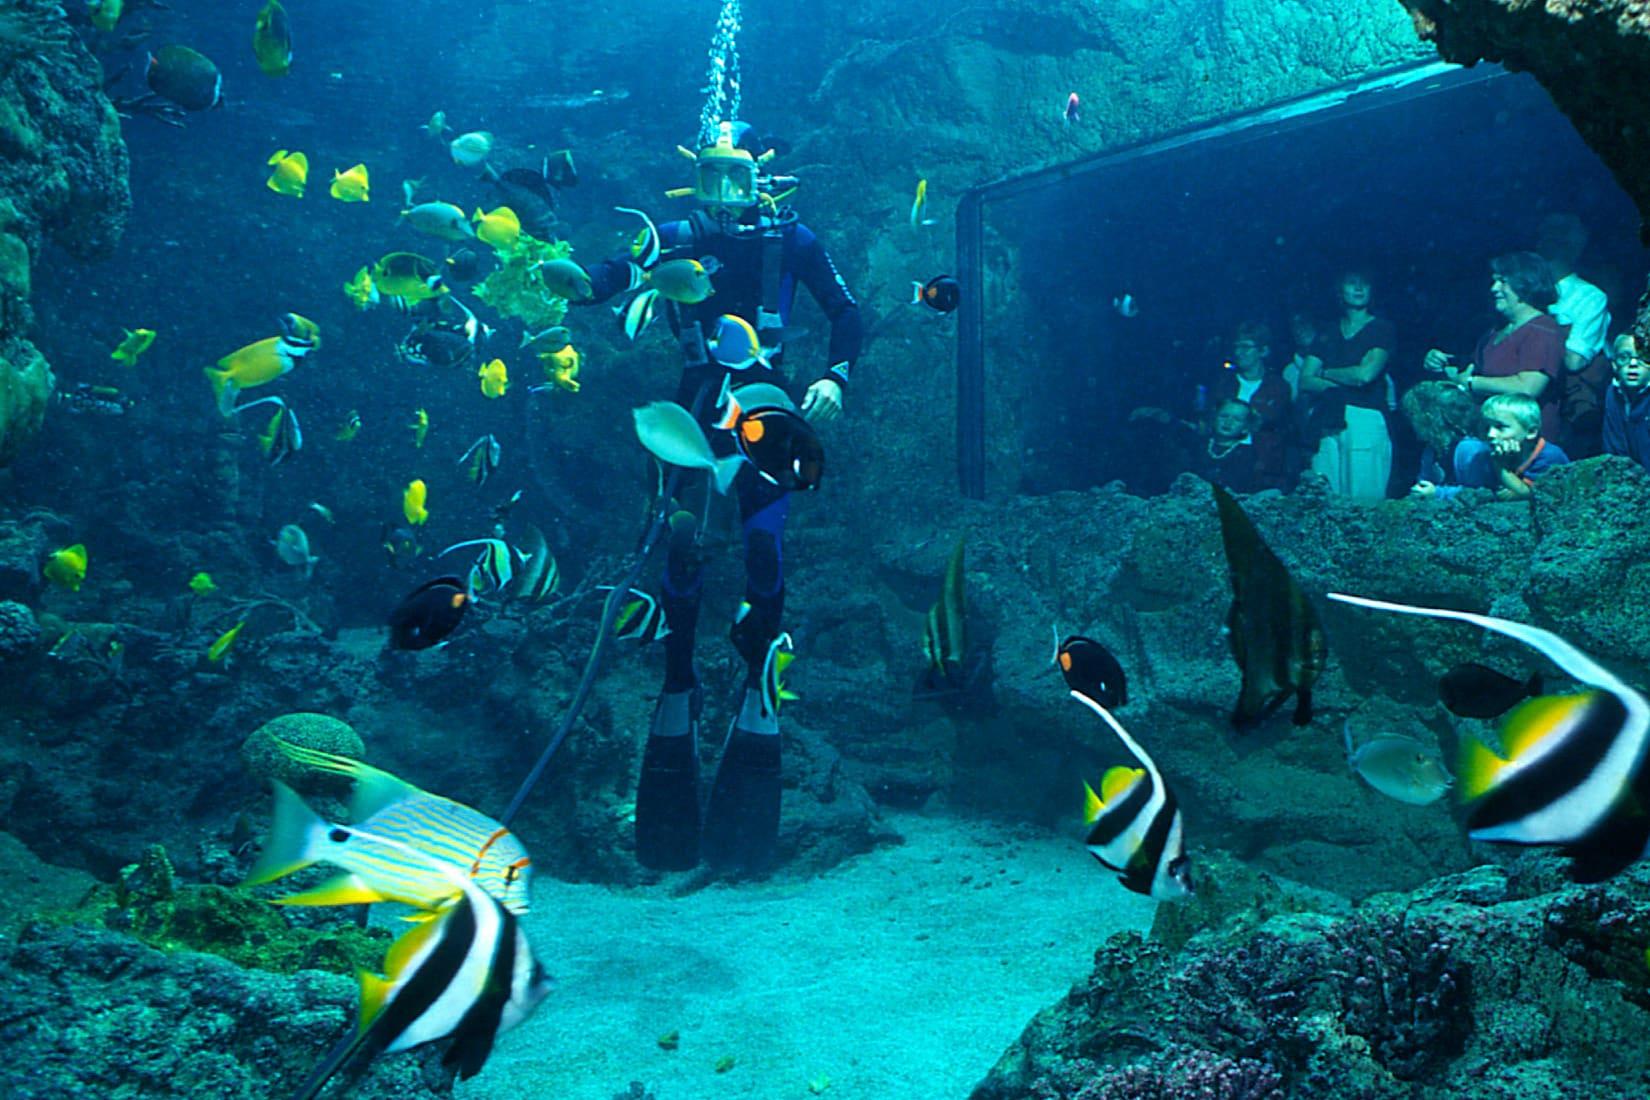 Nourrissage en plongée à Océanopolis Brest © Océanopolis